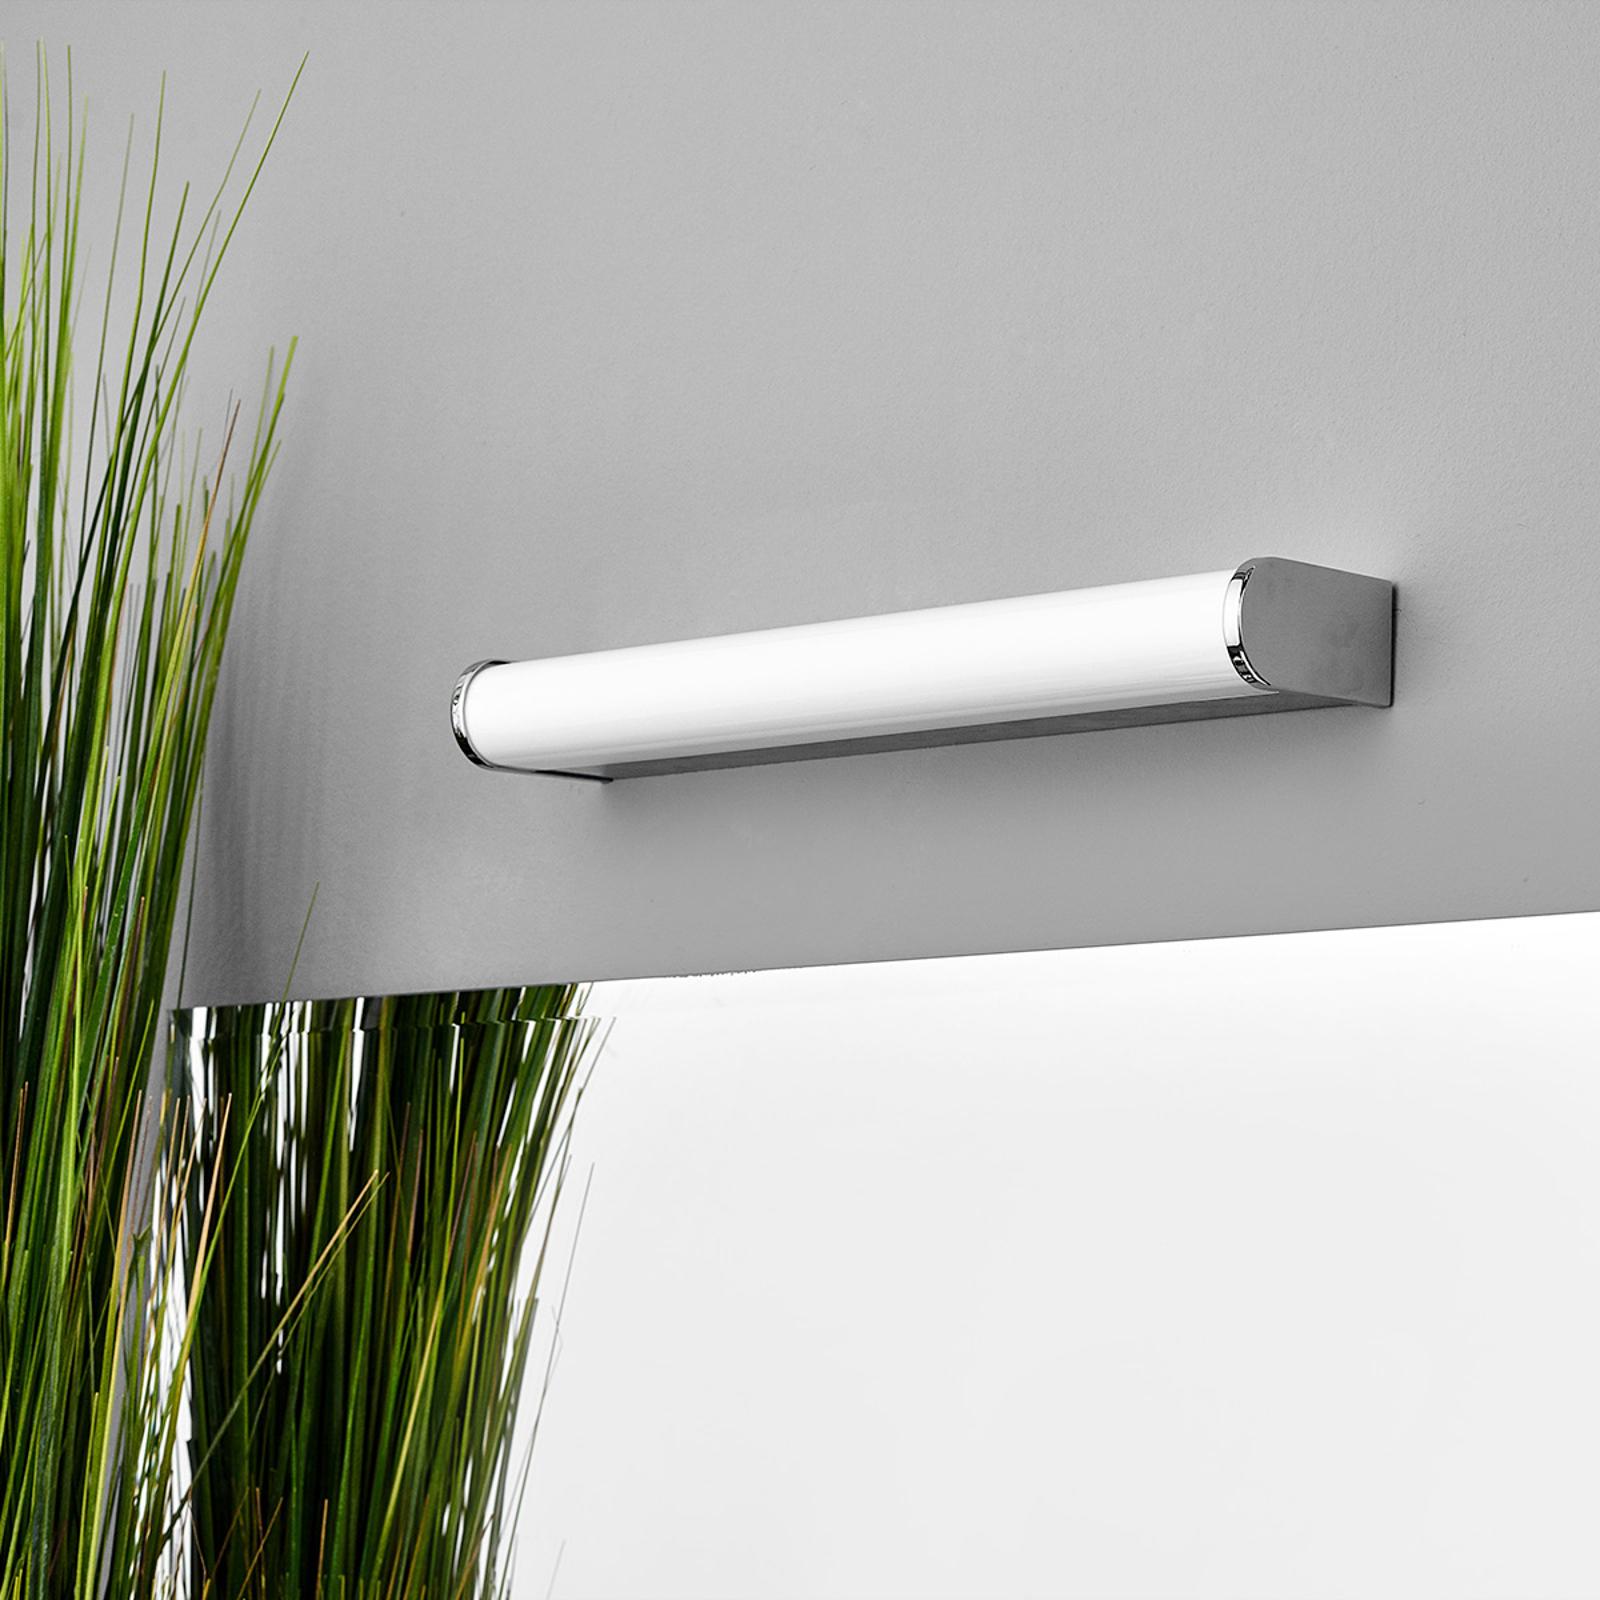 LED-Bad- und Spiegelleuchte Philippa halbrund 32cm